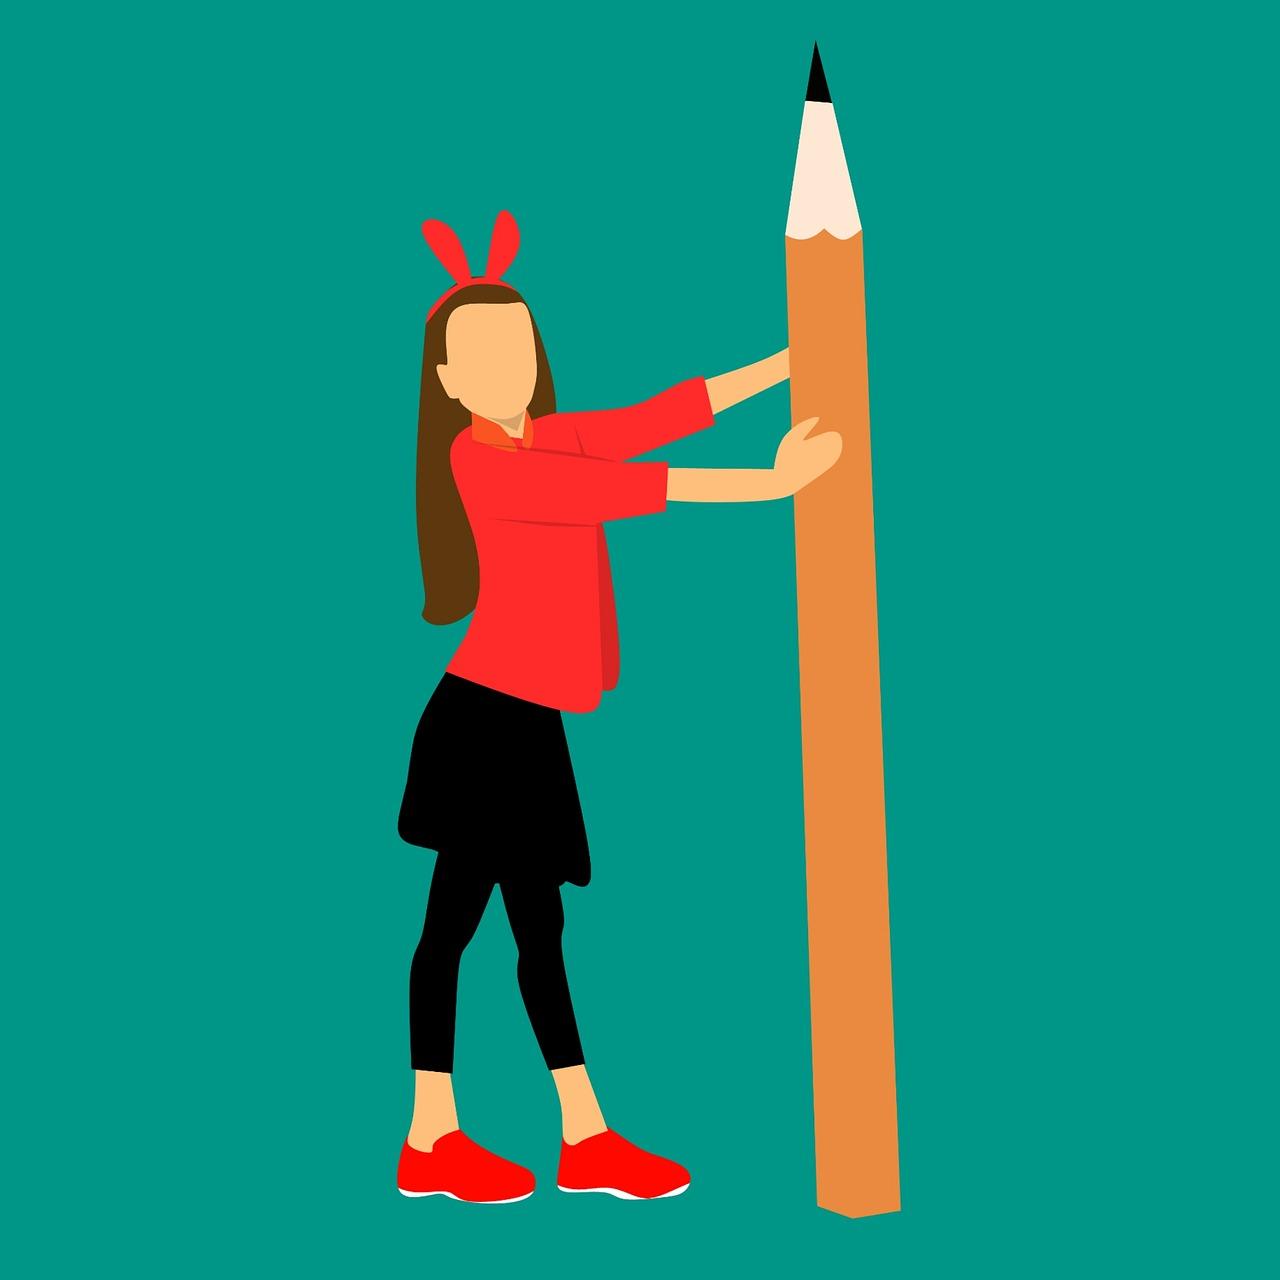 עיפרון וילדה